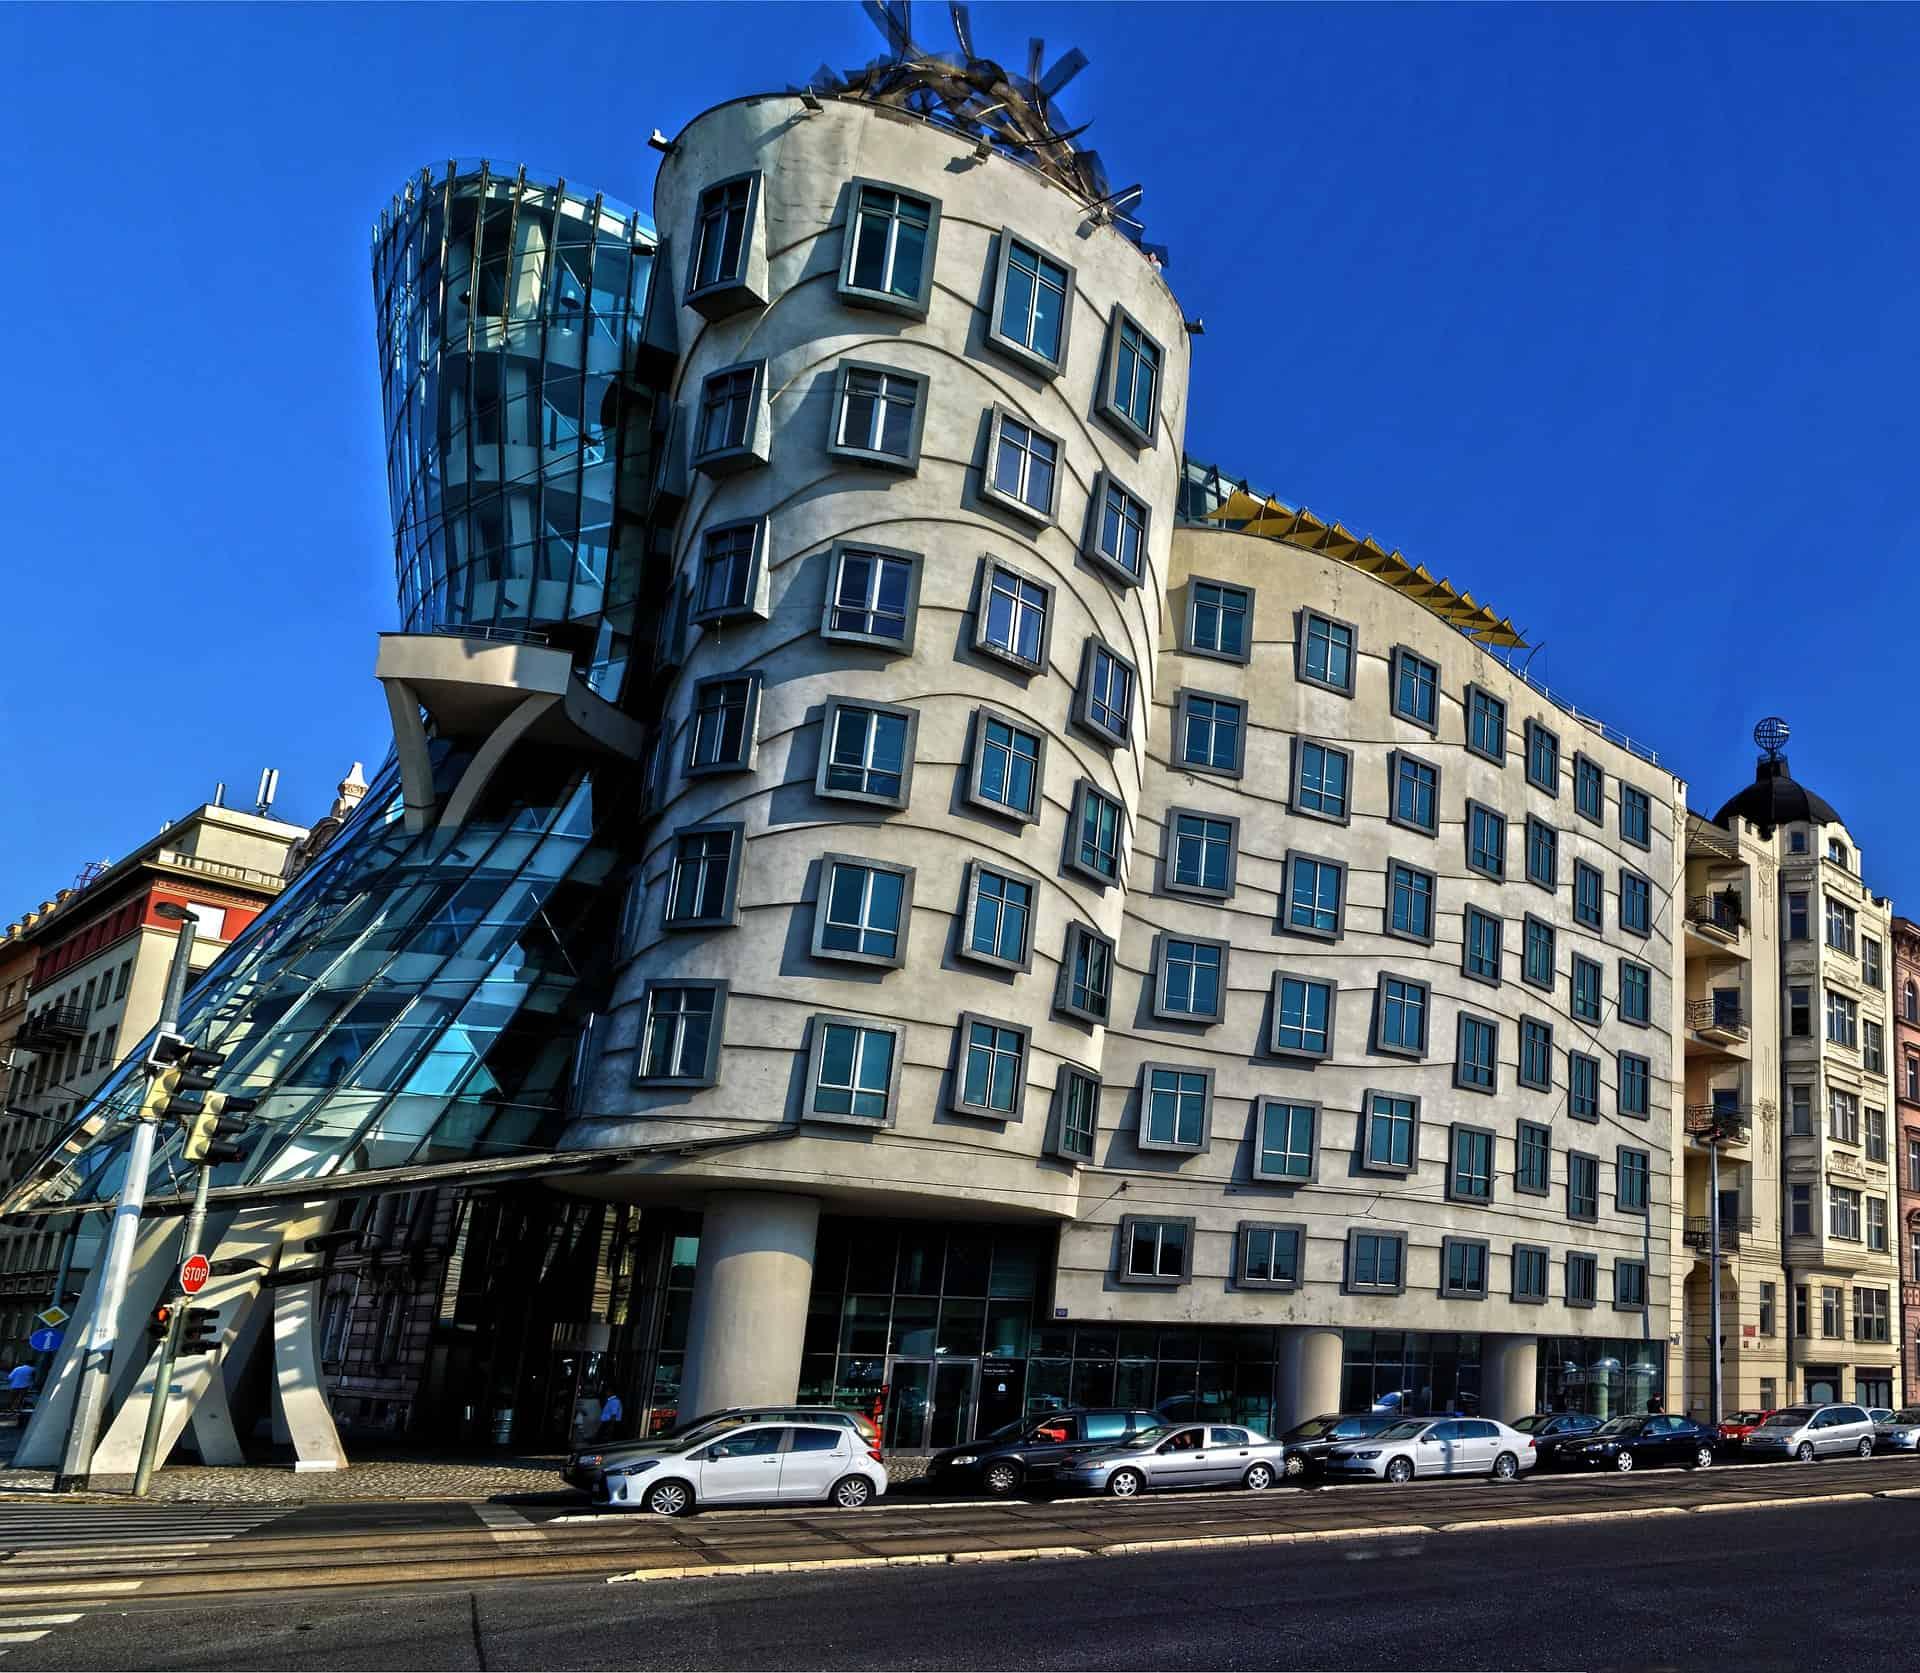 La casa danzante. Un elemento arquitectónico de interés en Praga